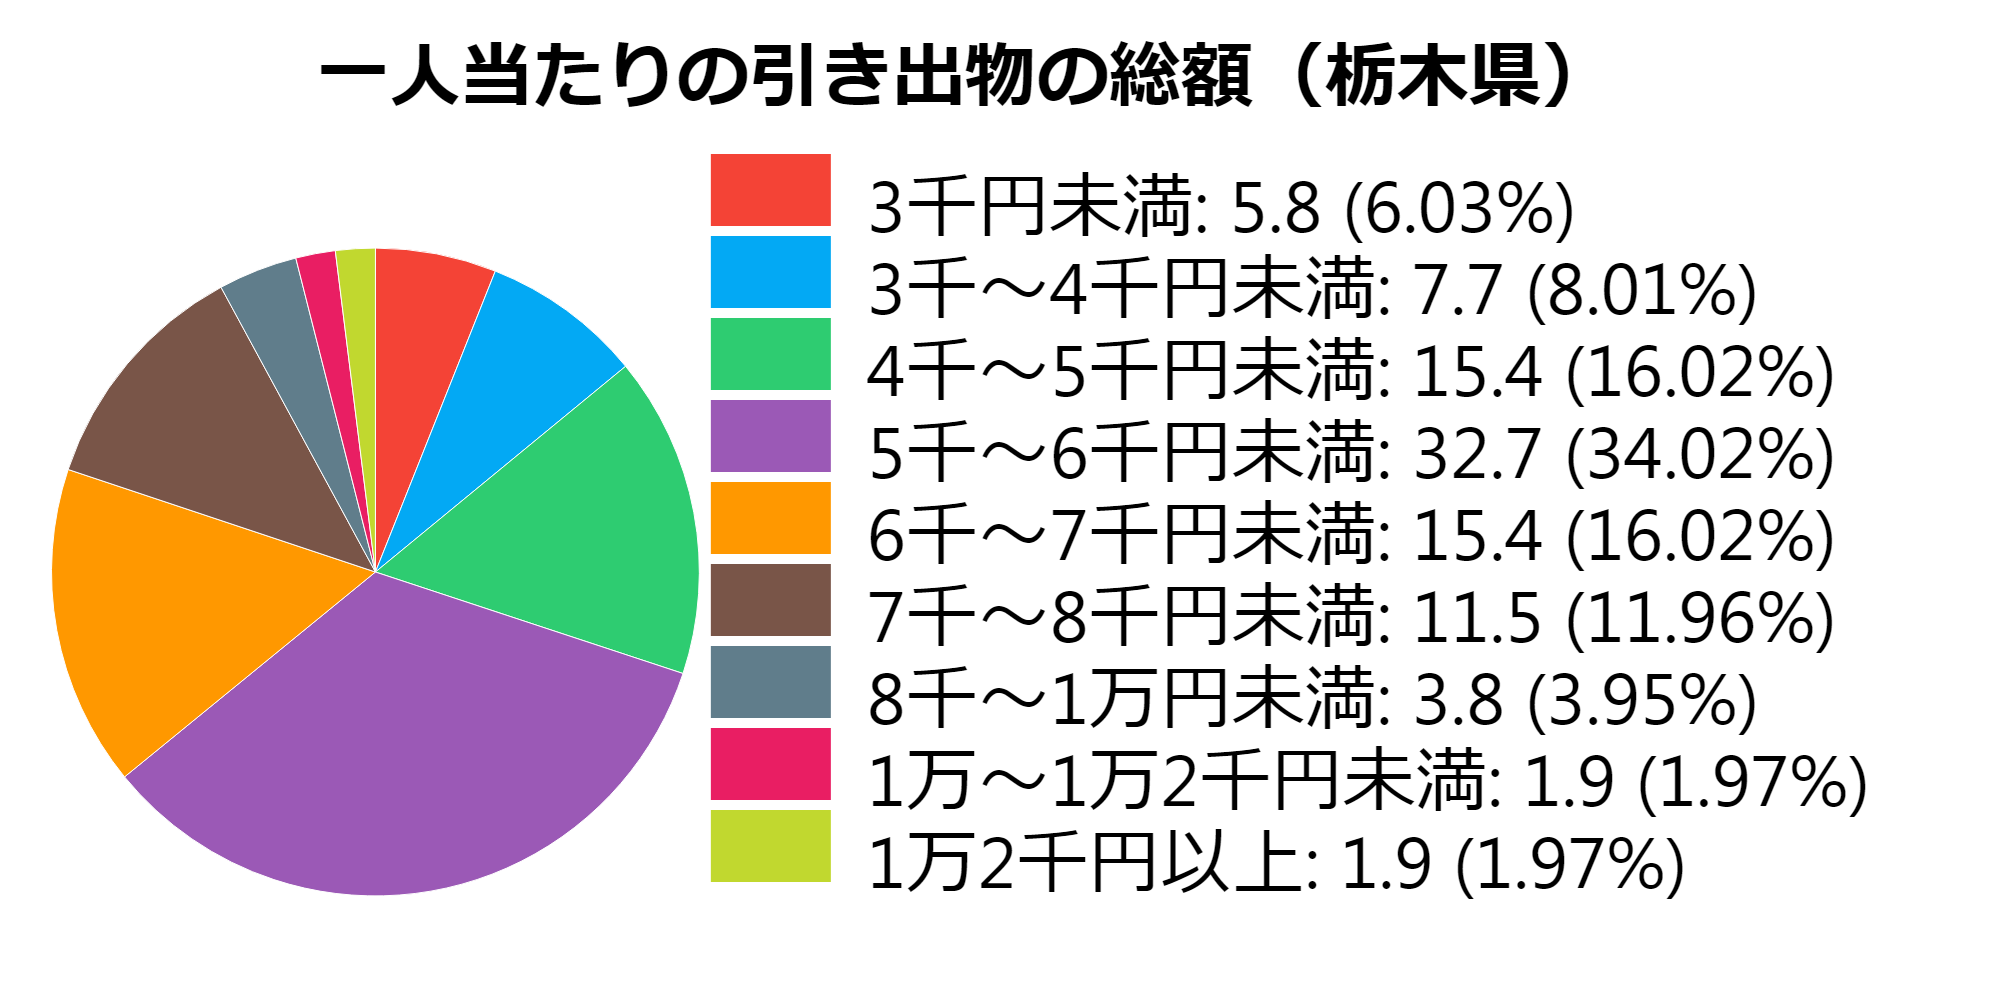 総額(栃木県)